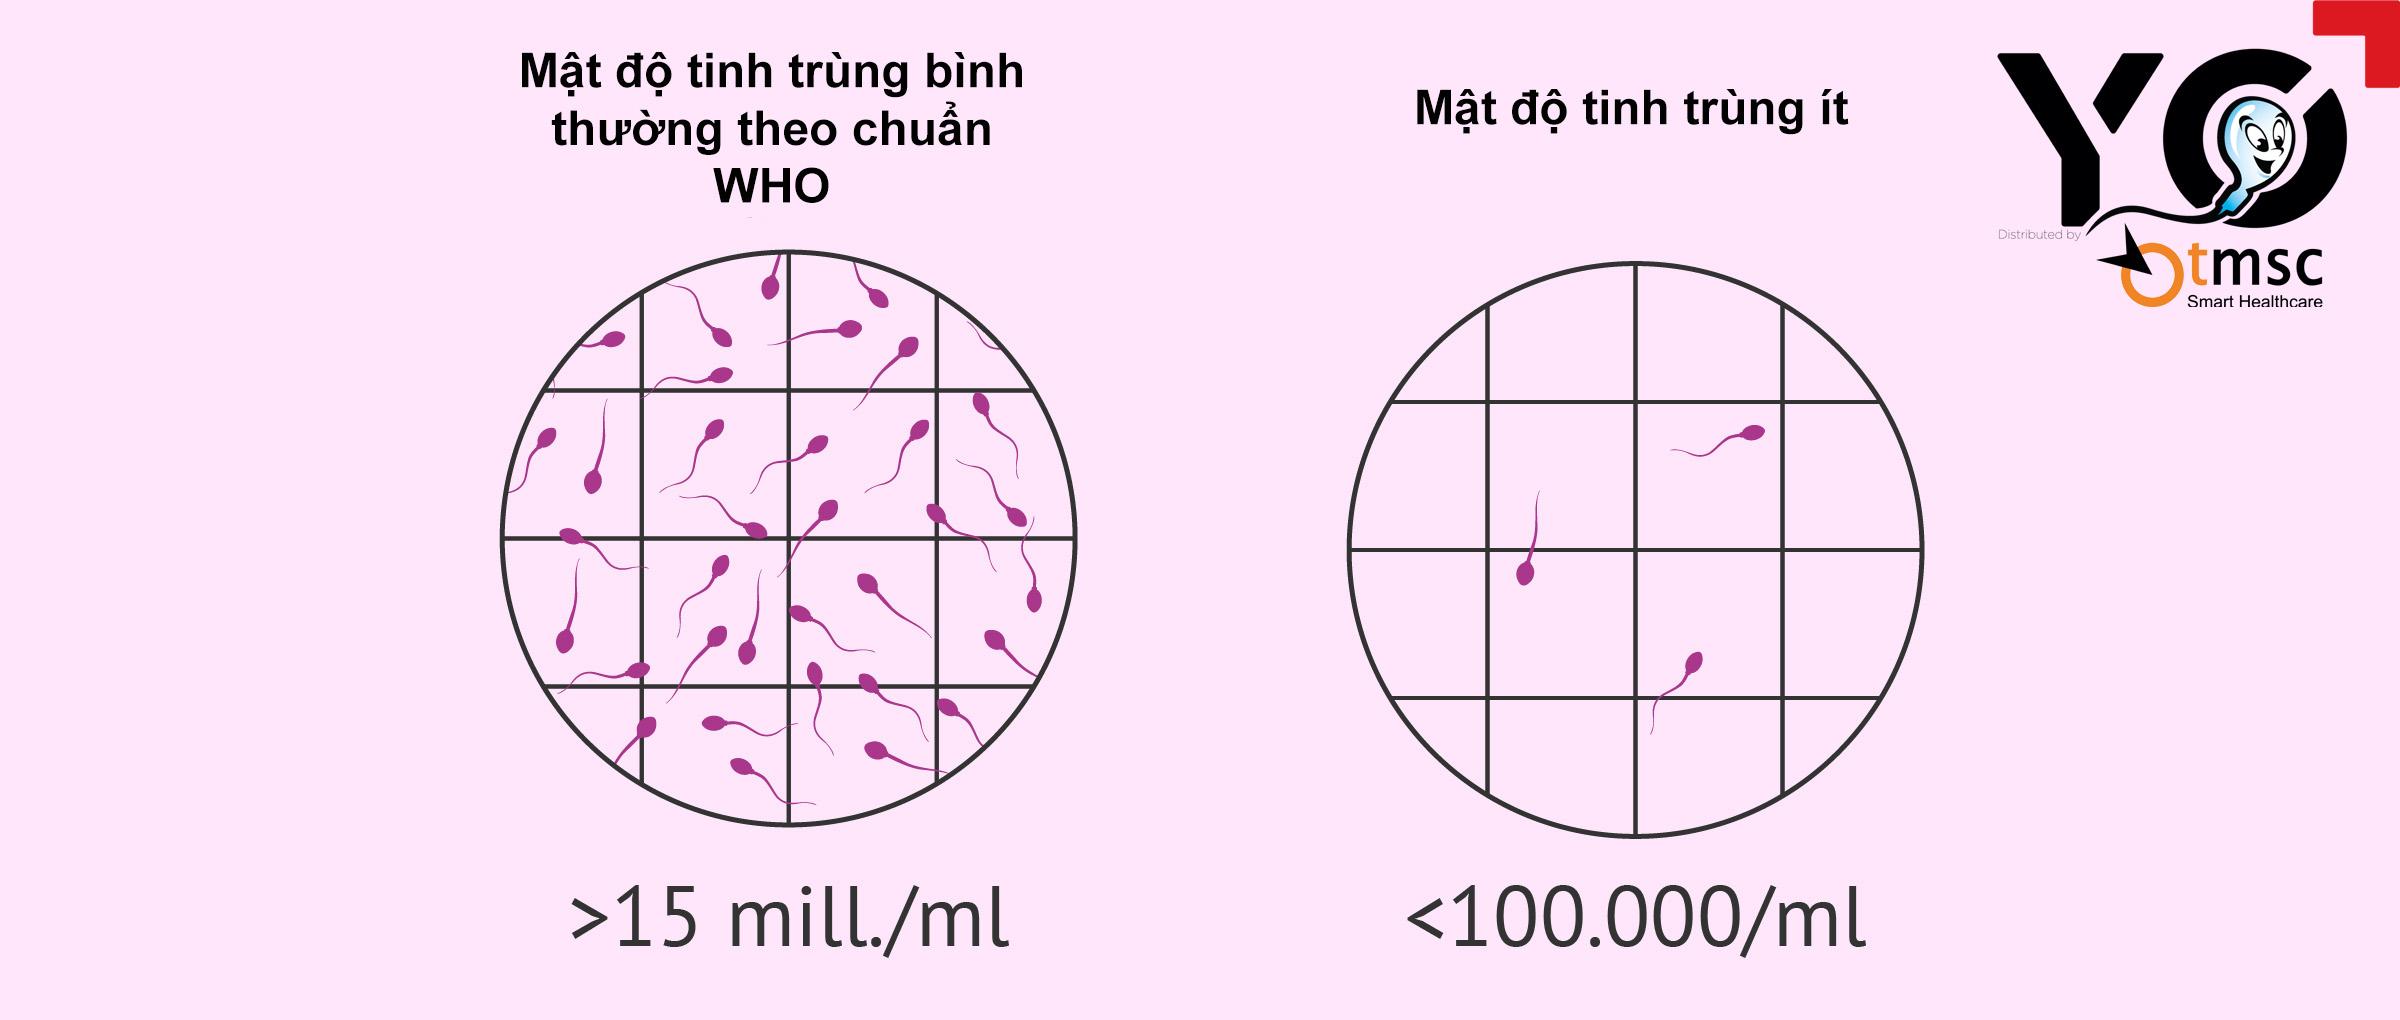 Số lượng tinh trùng di động sẽ được thể hiện qua kết quả xét nghiệm tinh trùng